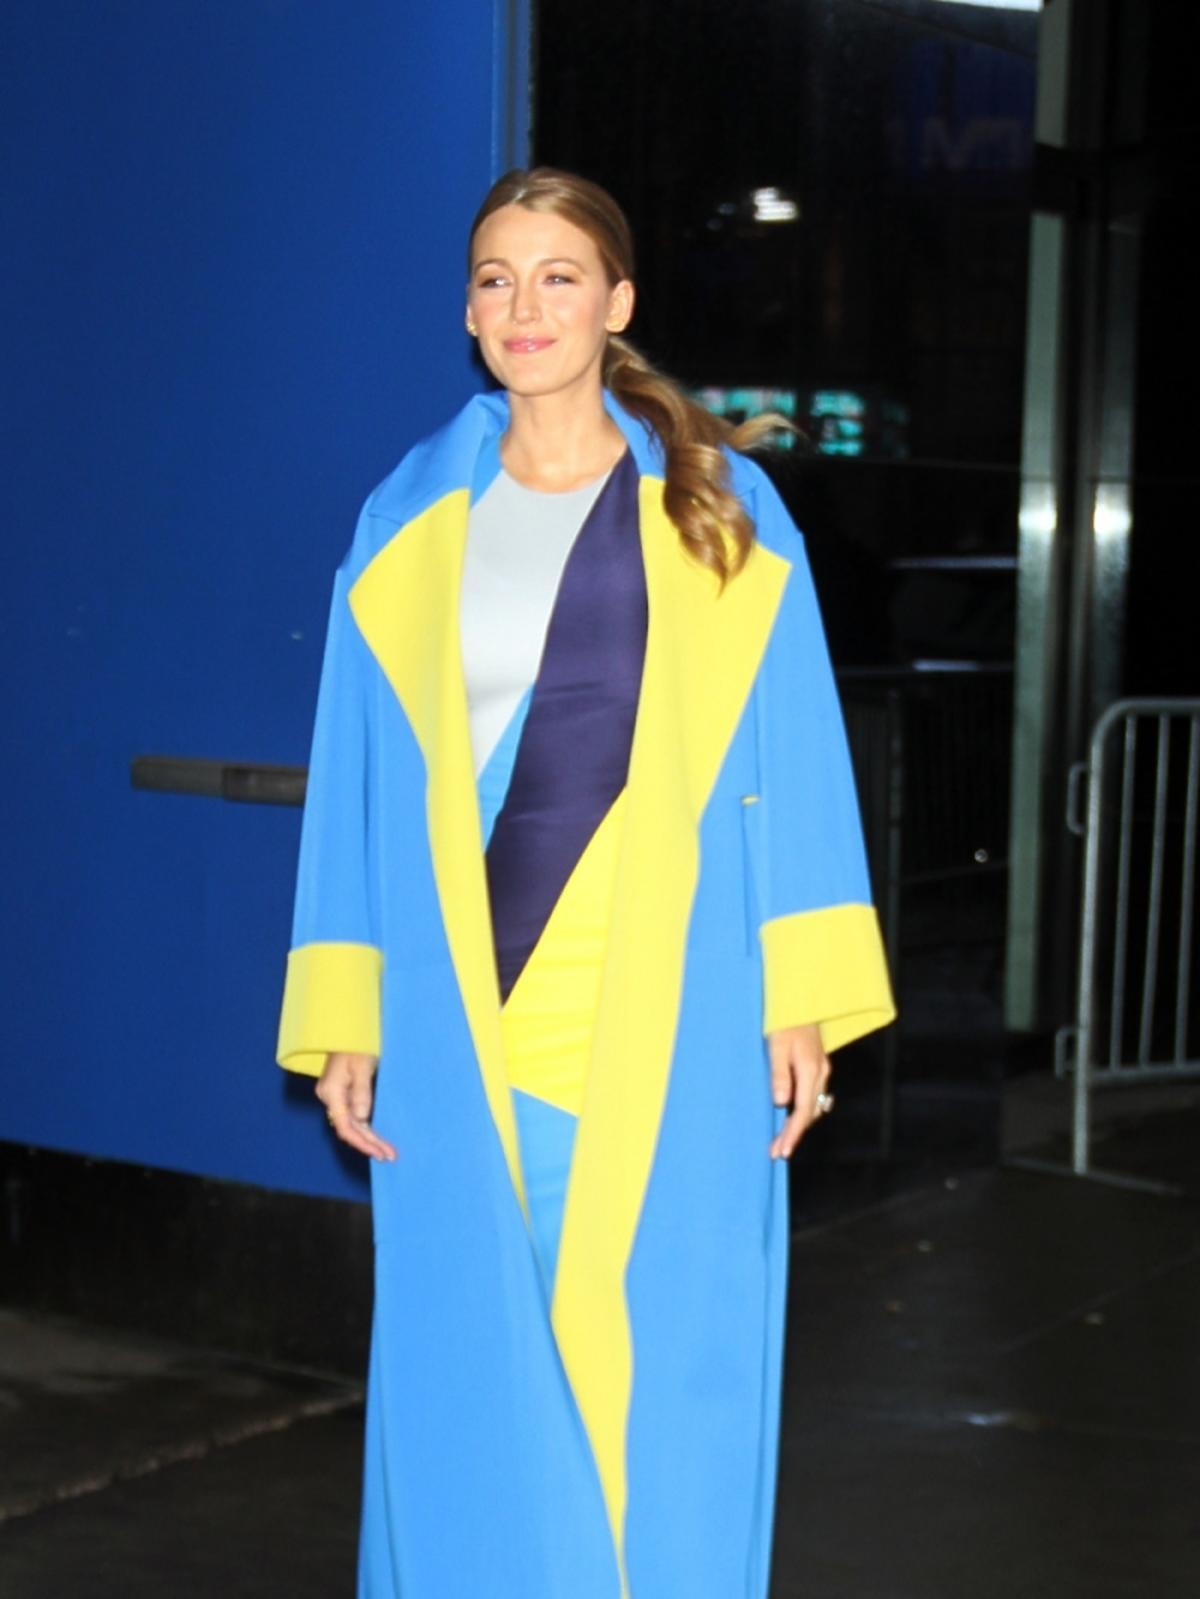 Blake Lively w kolorowym płaszczu